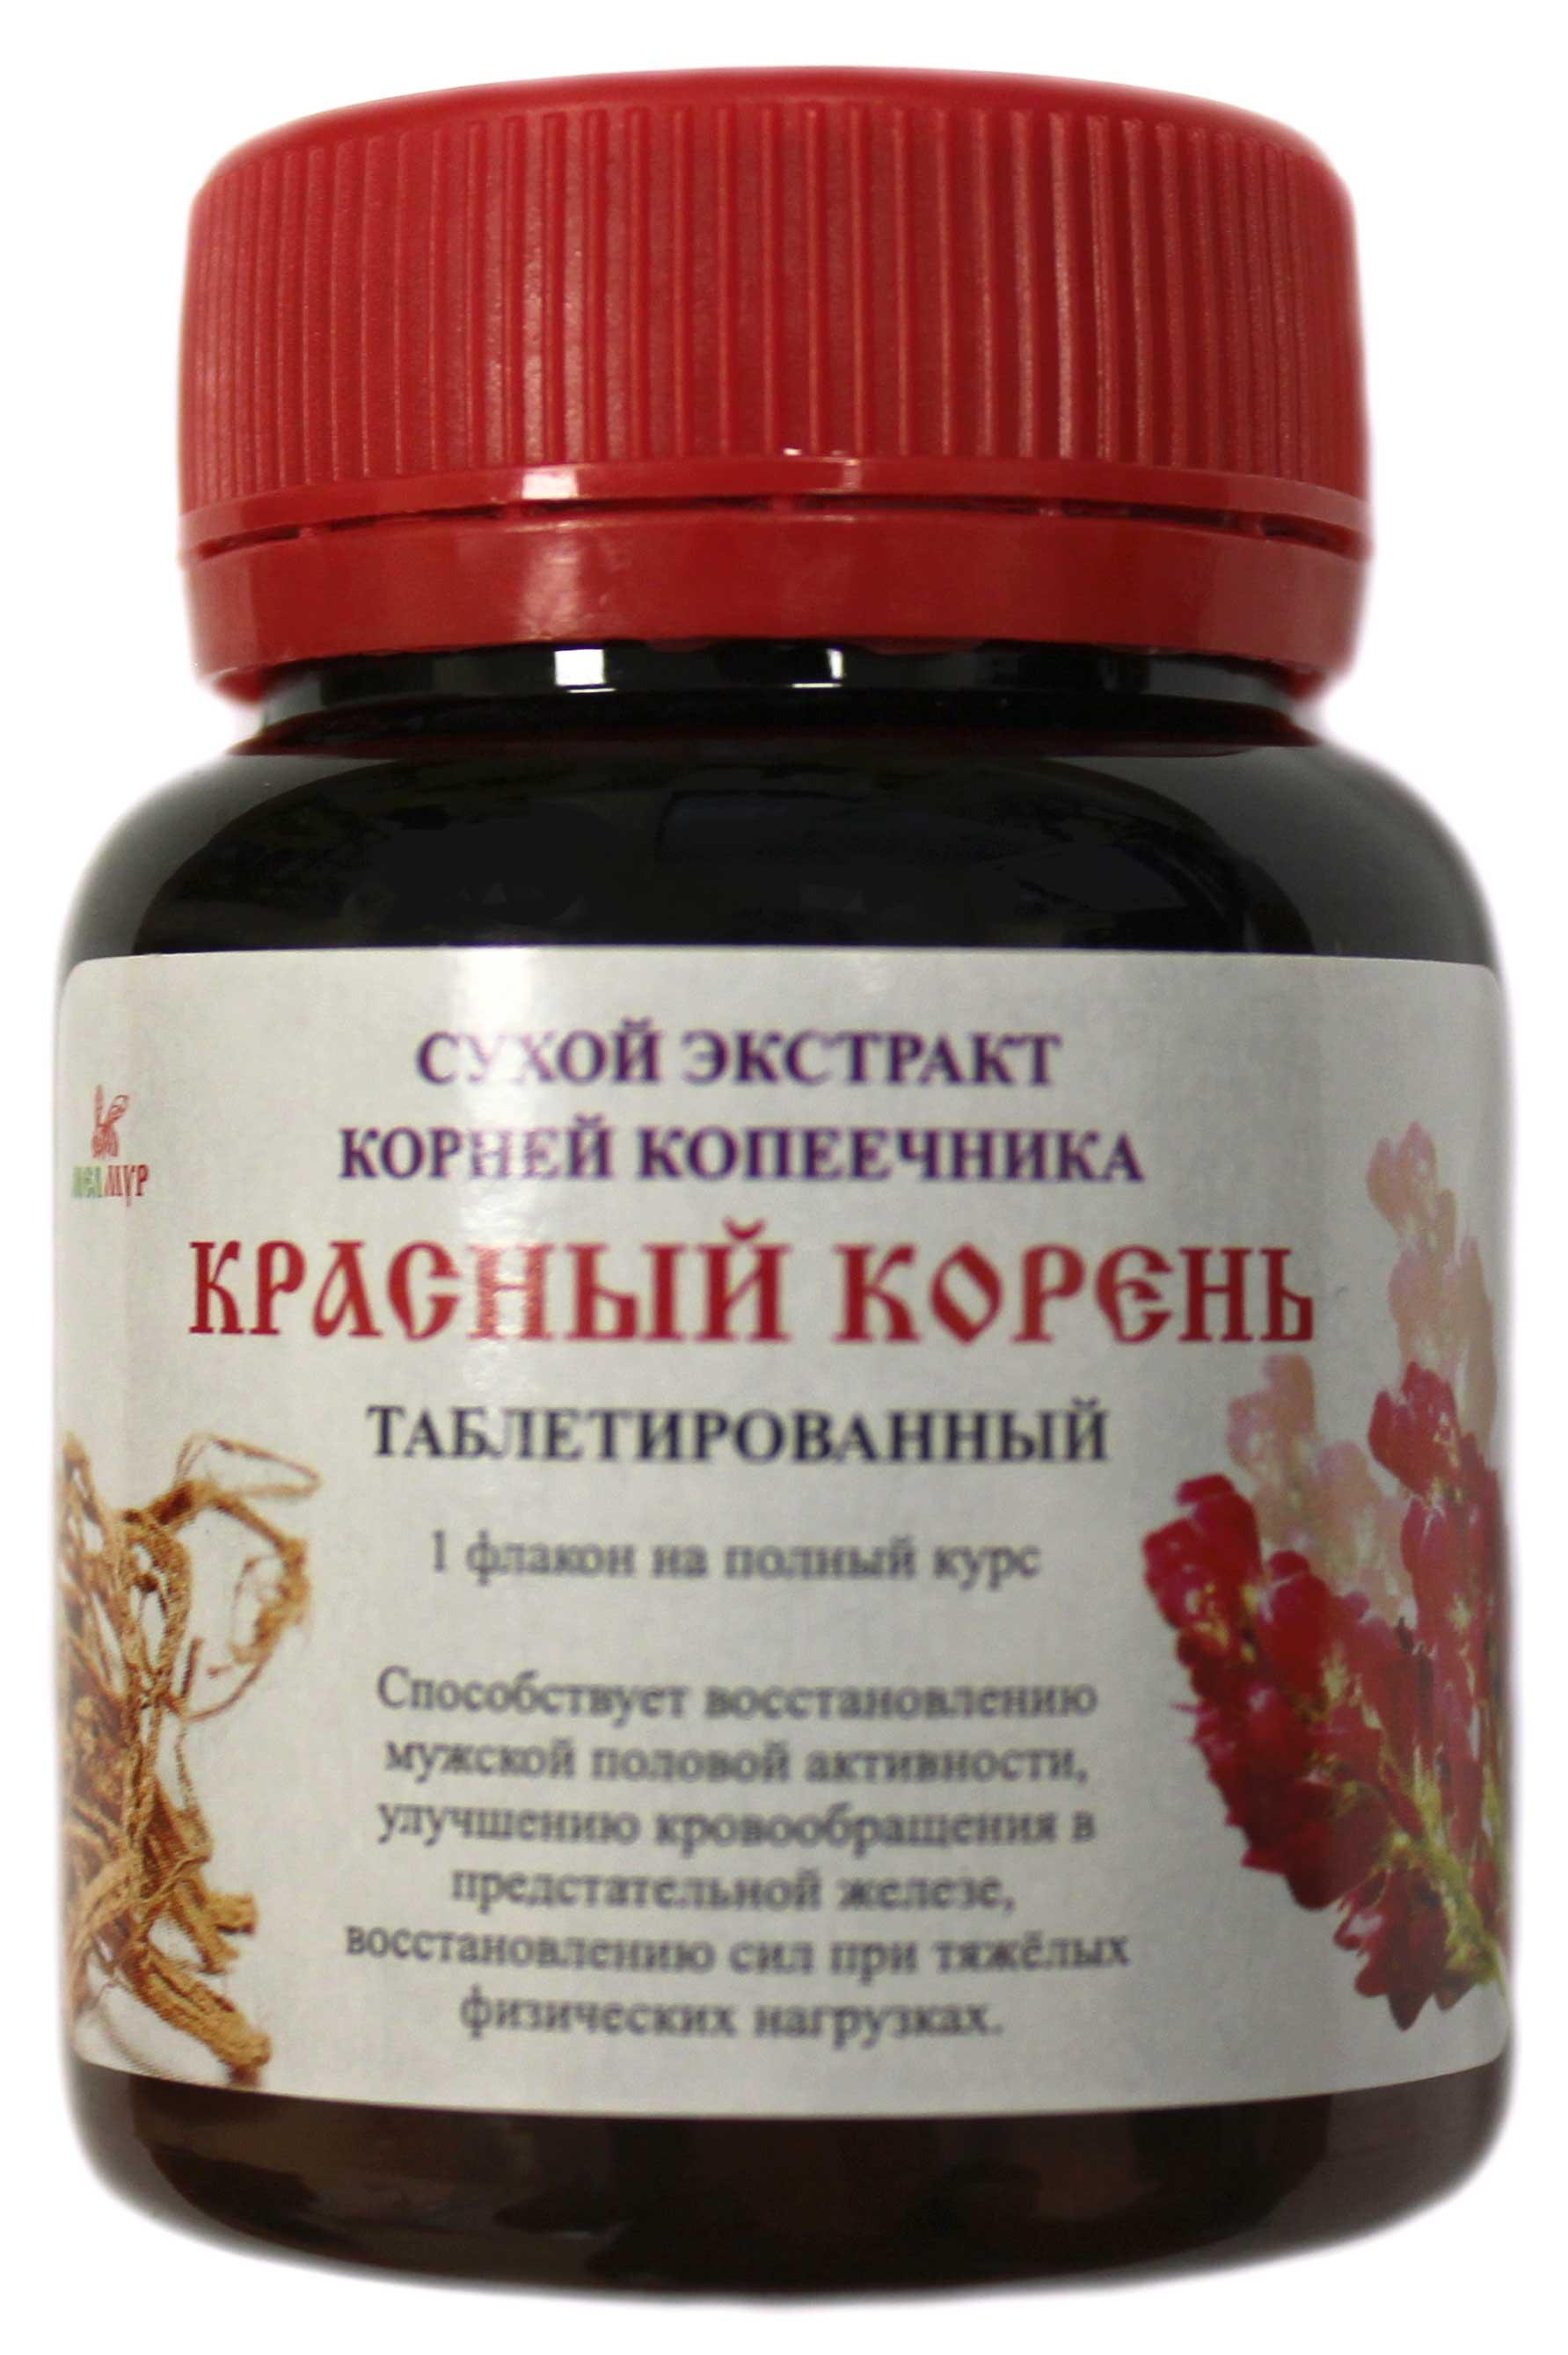 Сухой экстракт Красного корня (табл)